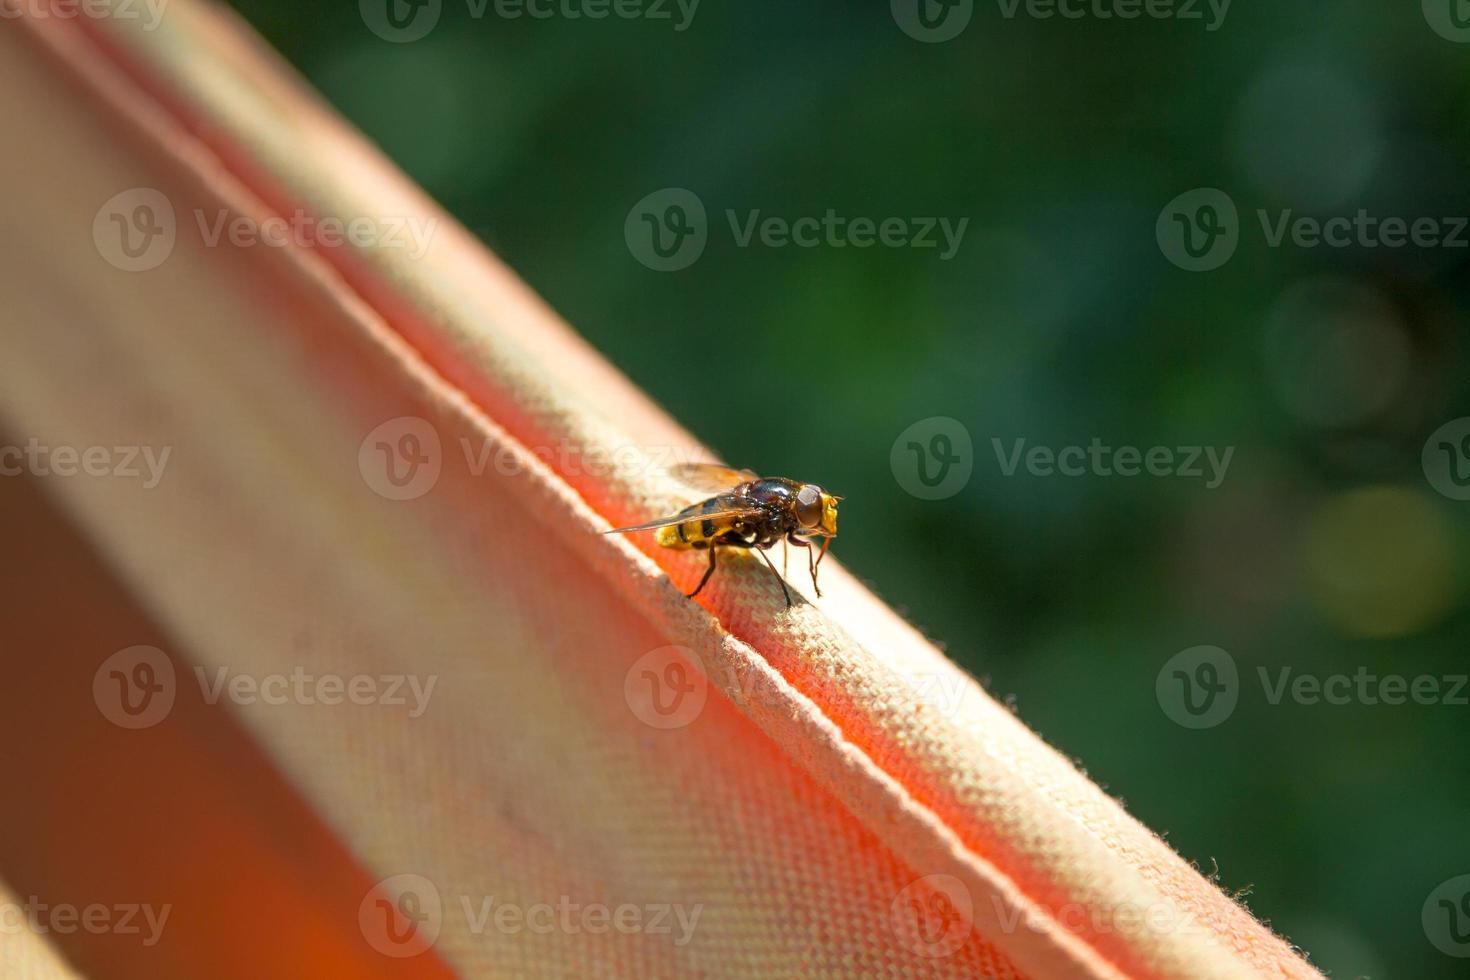 Avispa descansando sobre una tela en el jardín foto